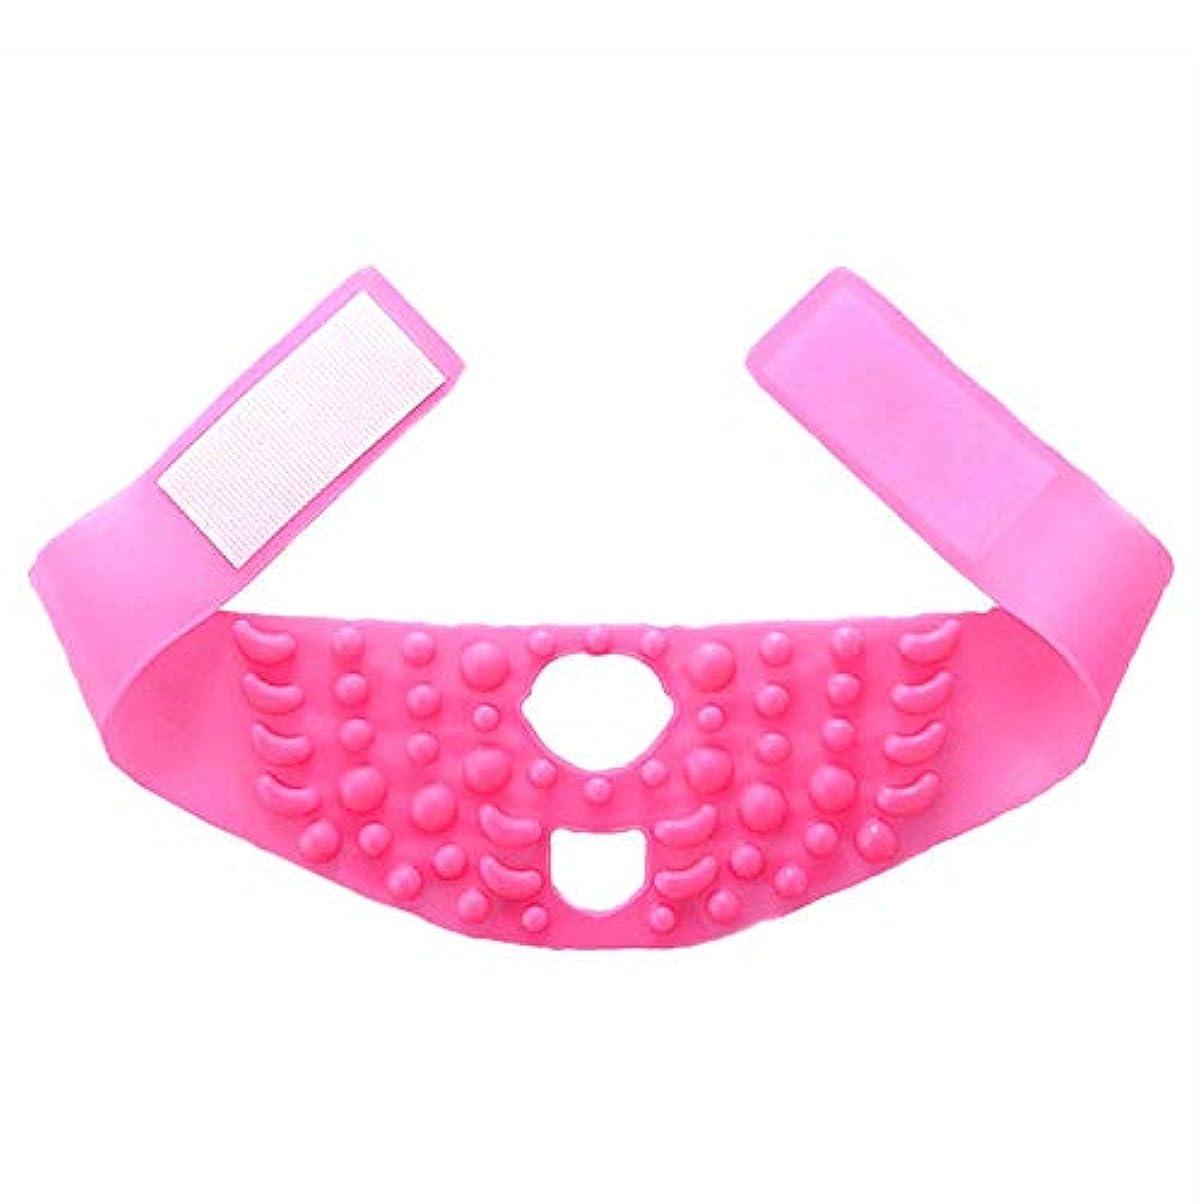 資本時間とともに一掃するMinmin シンフェイスマスクシリコーンマッサージ引き締まった形の小さなVフェイスリフティングに薄いフェイスアーティファクト包帯を飾る - ピンク みんみんVラインフェイスマスク